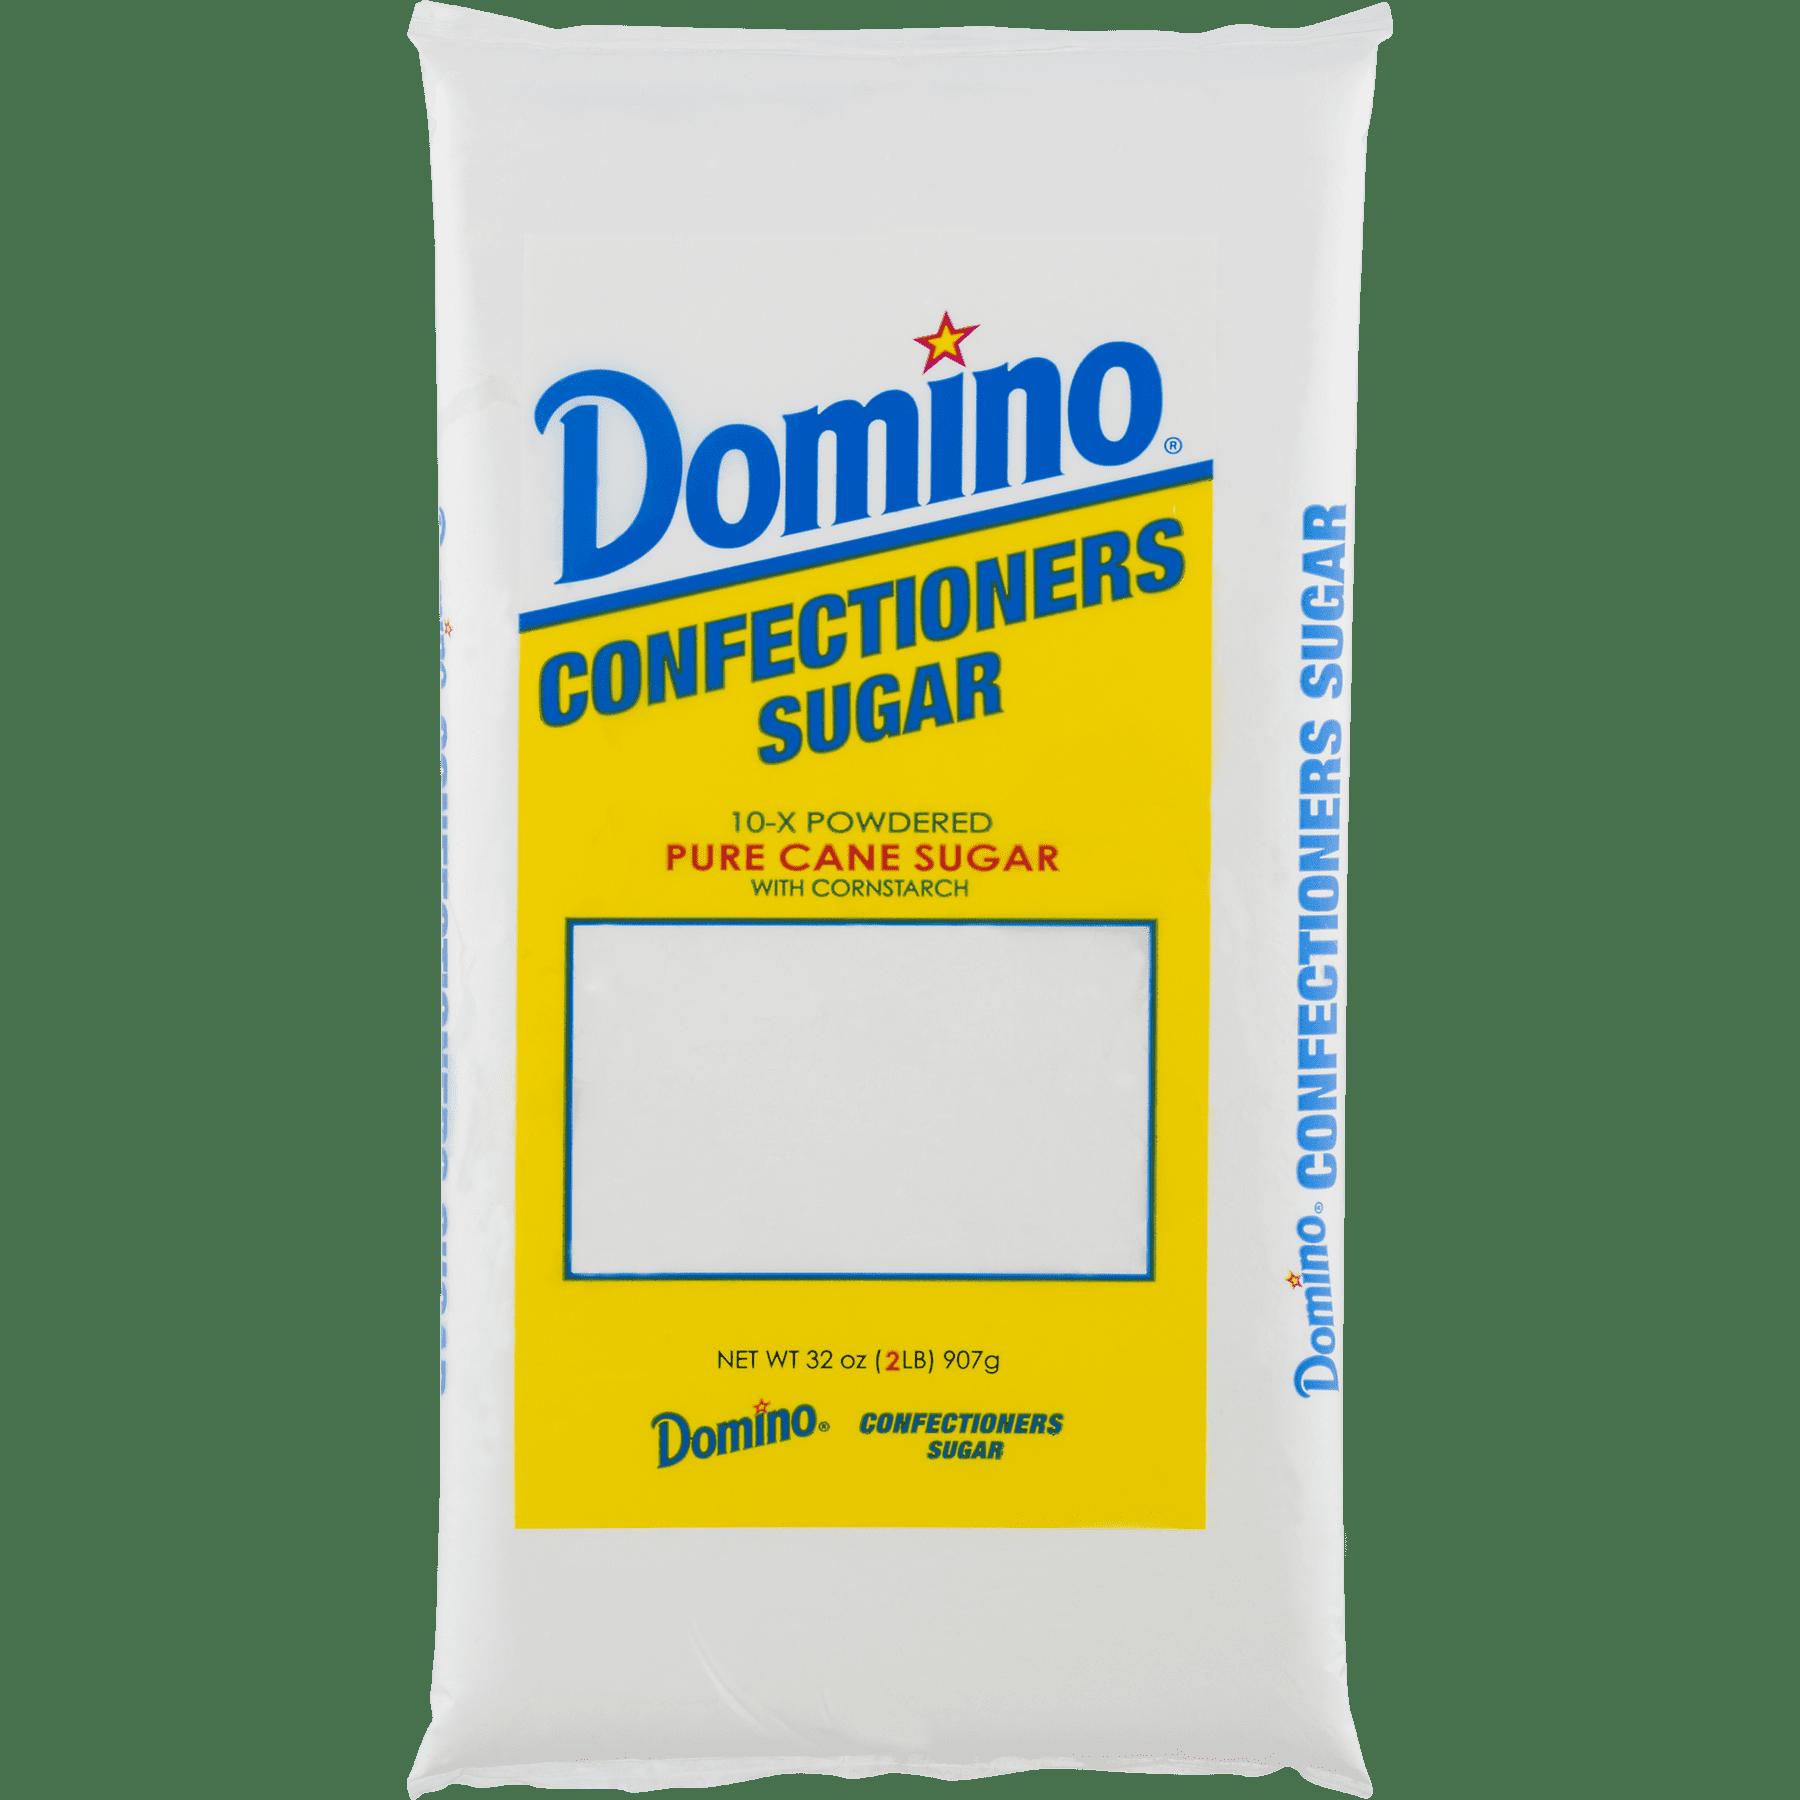 Domino Pure Cane Confectioners 10-X Powdered Sugar, 2 lb - Walmart.com